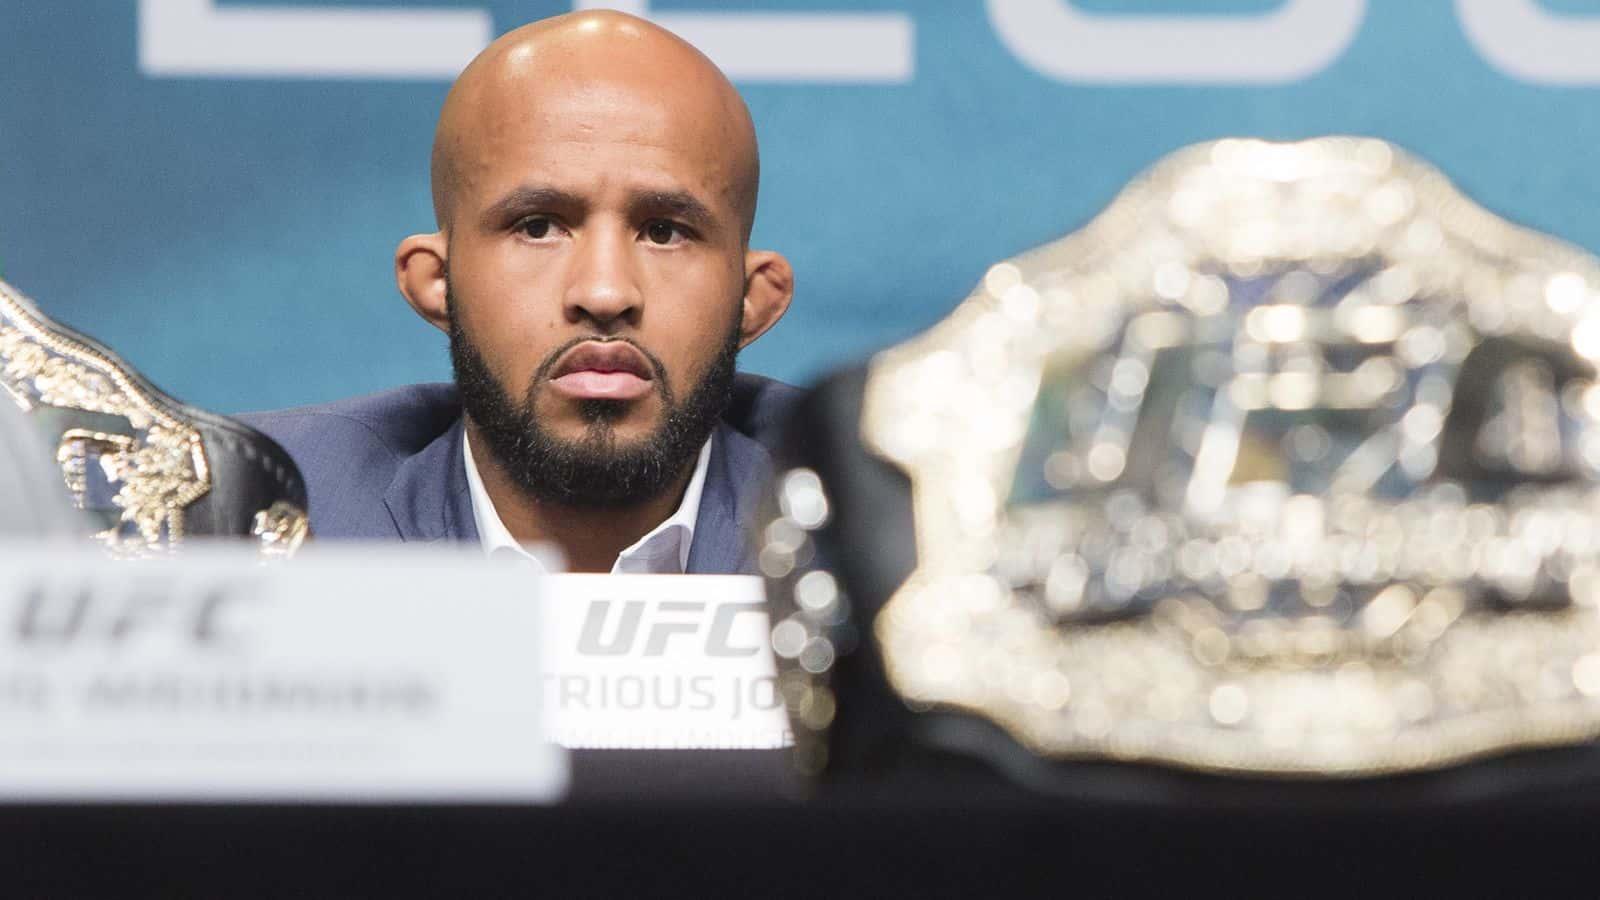 Демитриус Джонсон предложил Флойду Мэйвезеру бой в UFC с ограничениями в правилах